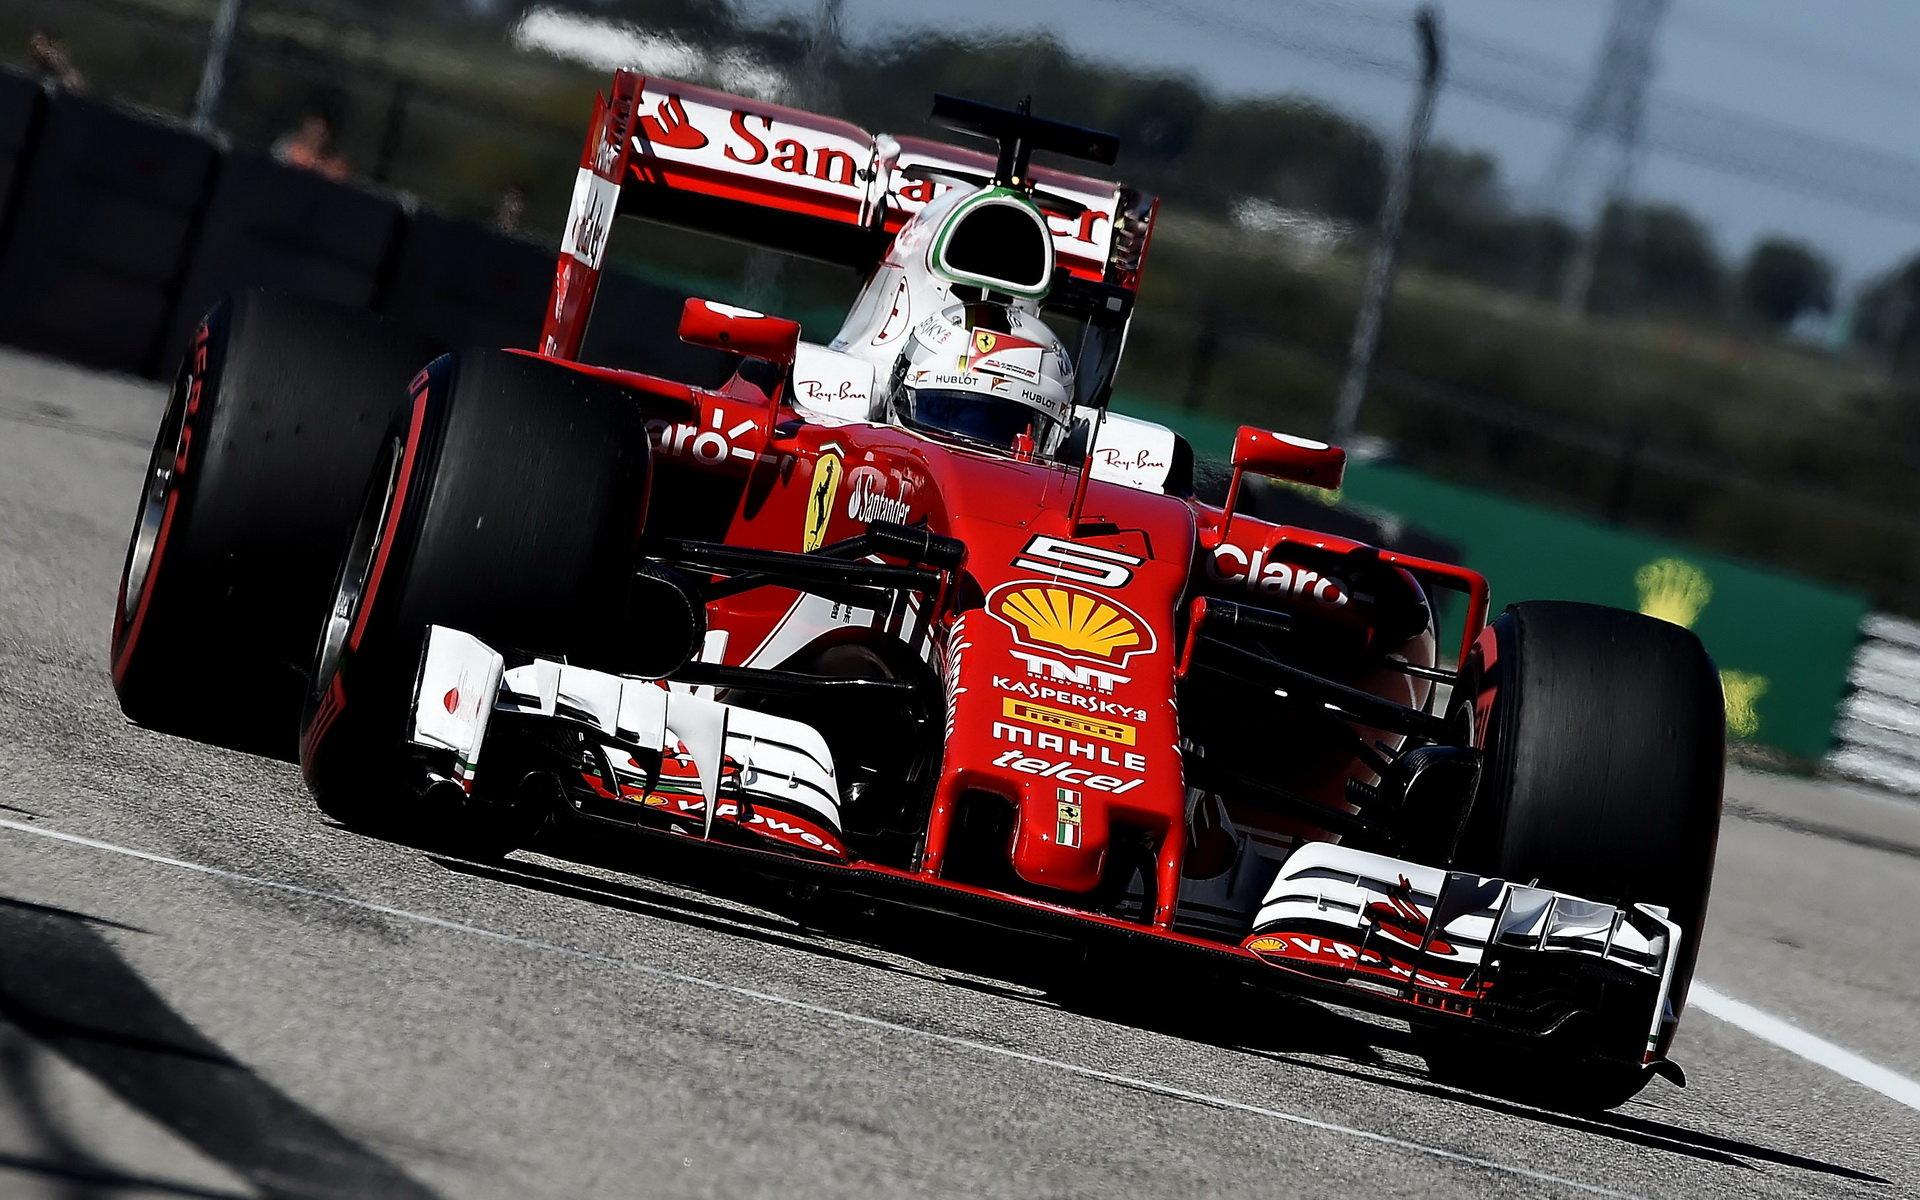 Ferrari se stalo divoce ovladatelné, říká Vettel, který v USA pomýšlel na pódium - anotační obrázek